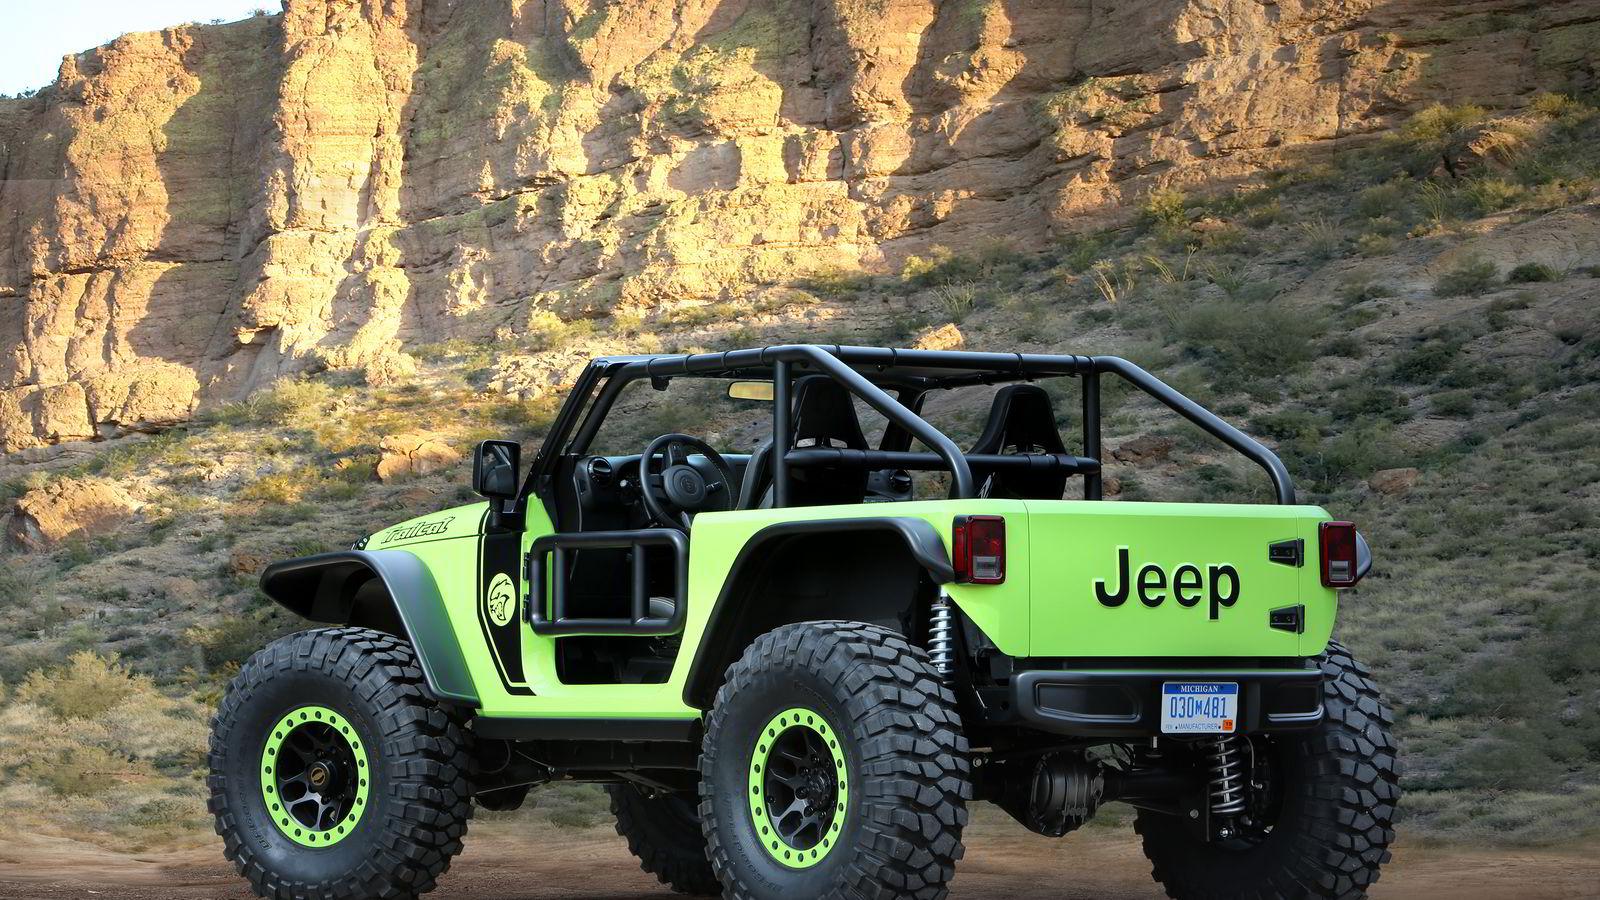 Jeep Trailcat har over 700 hestekrefter og burde være kapabel til mye utenfor normale veier. Alle foto: Jeep